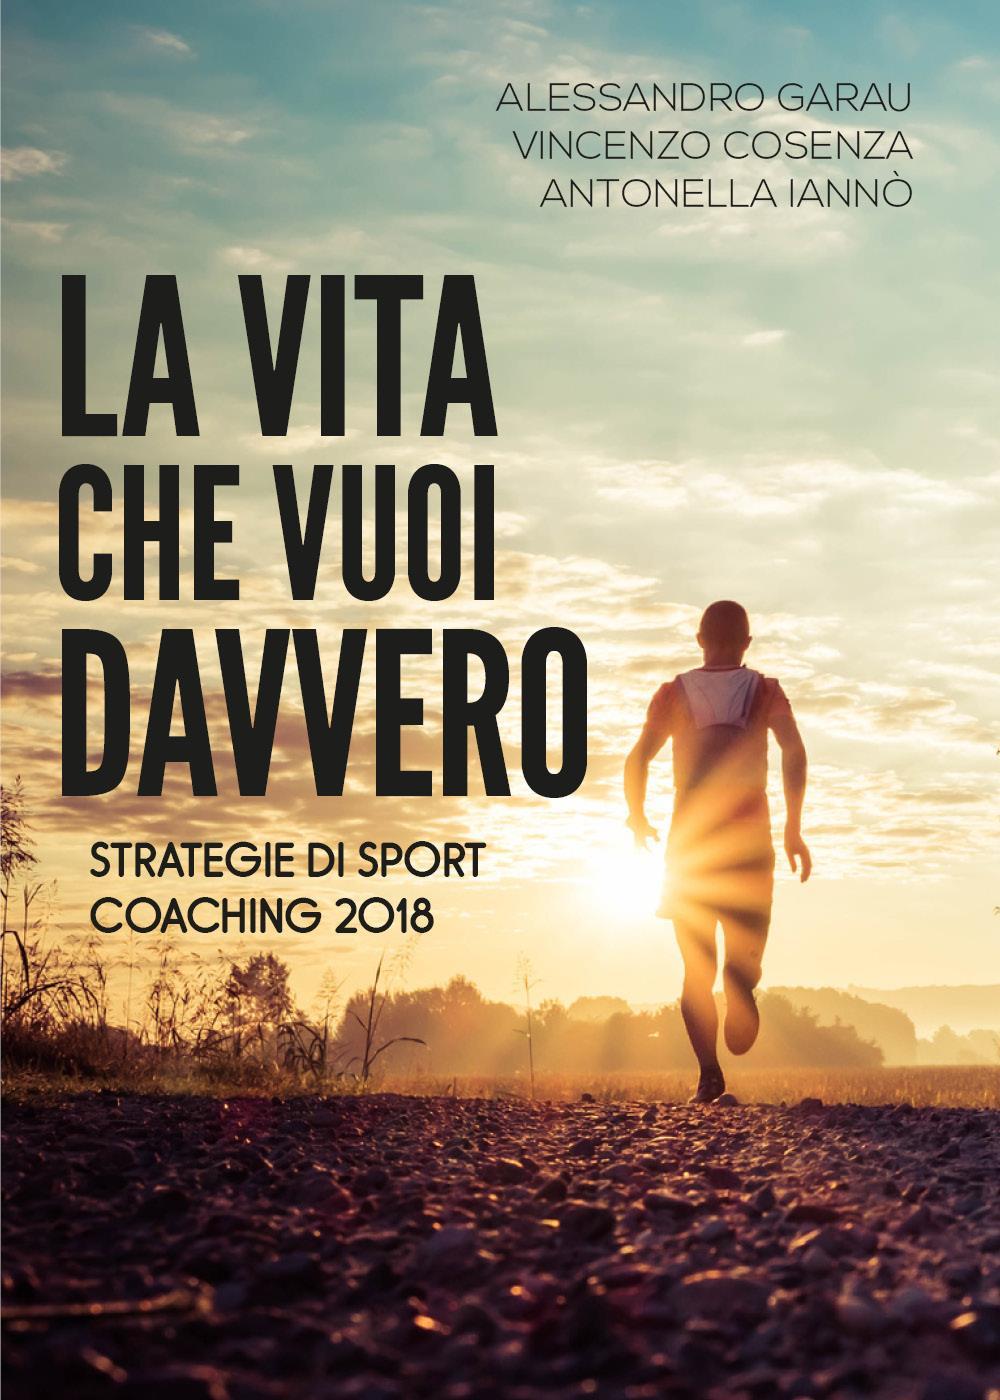 La vita che vuoi davvero. Strategie di Sport Coaching 2018